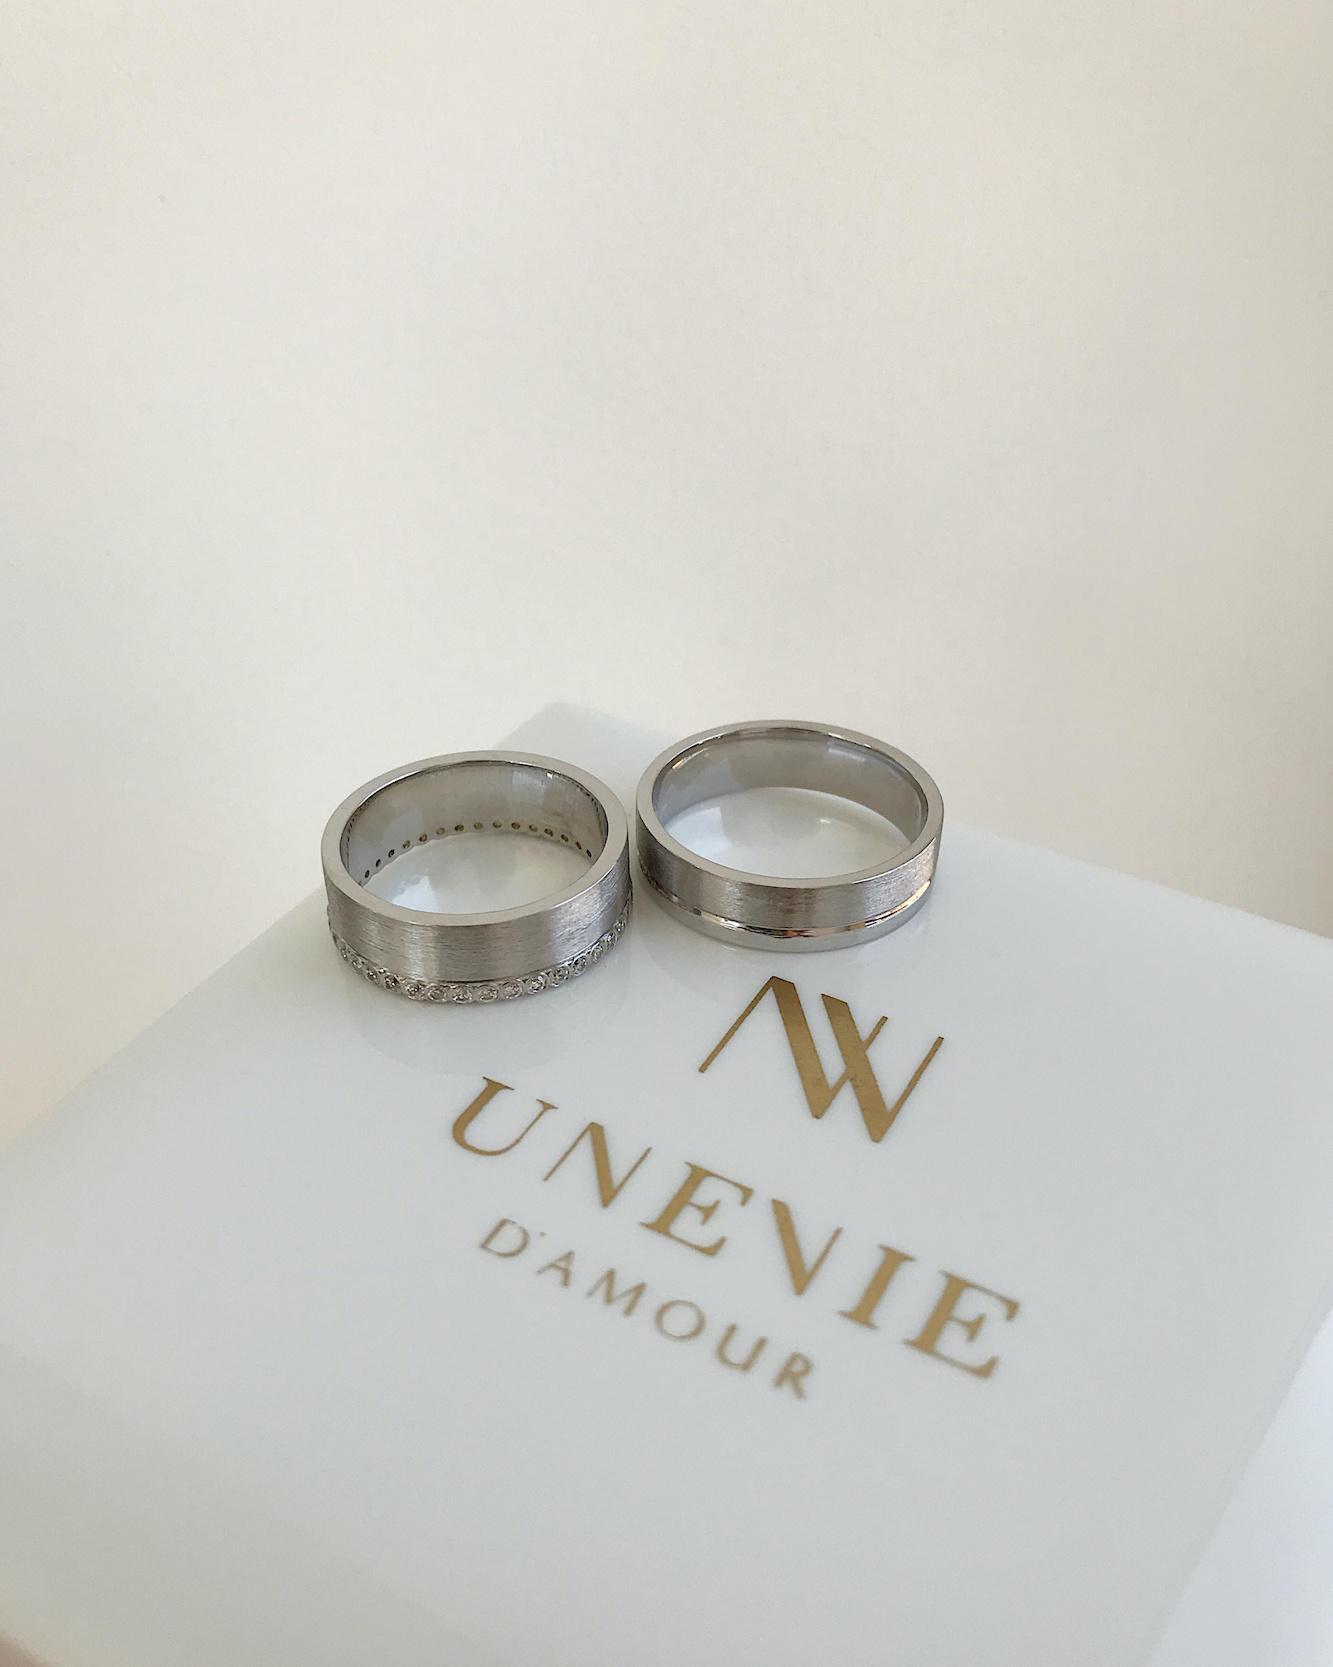 NV1 Парные обручальные кольца из белого золота с бриллиантами